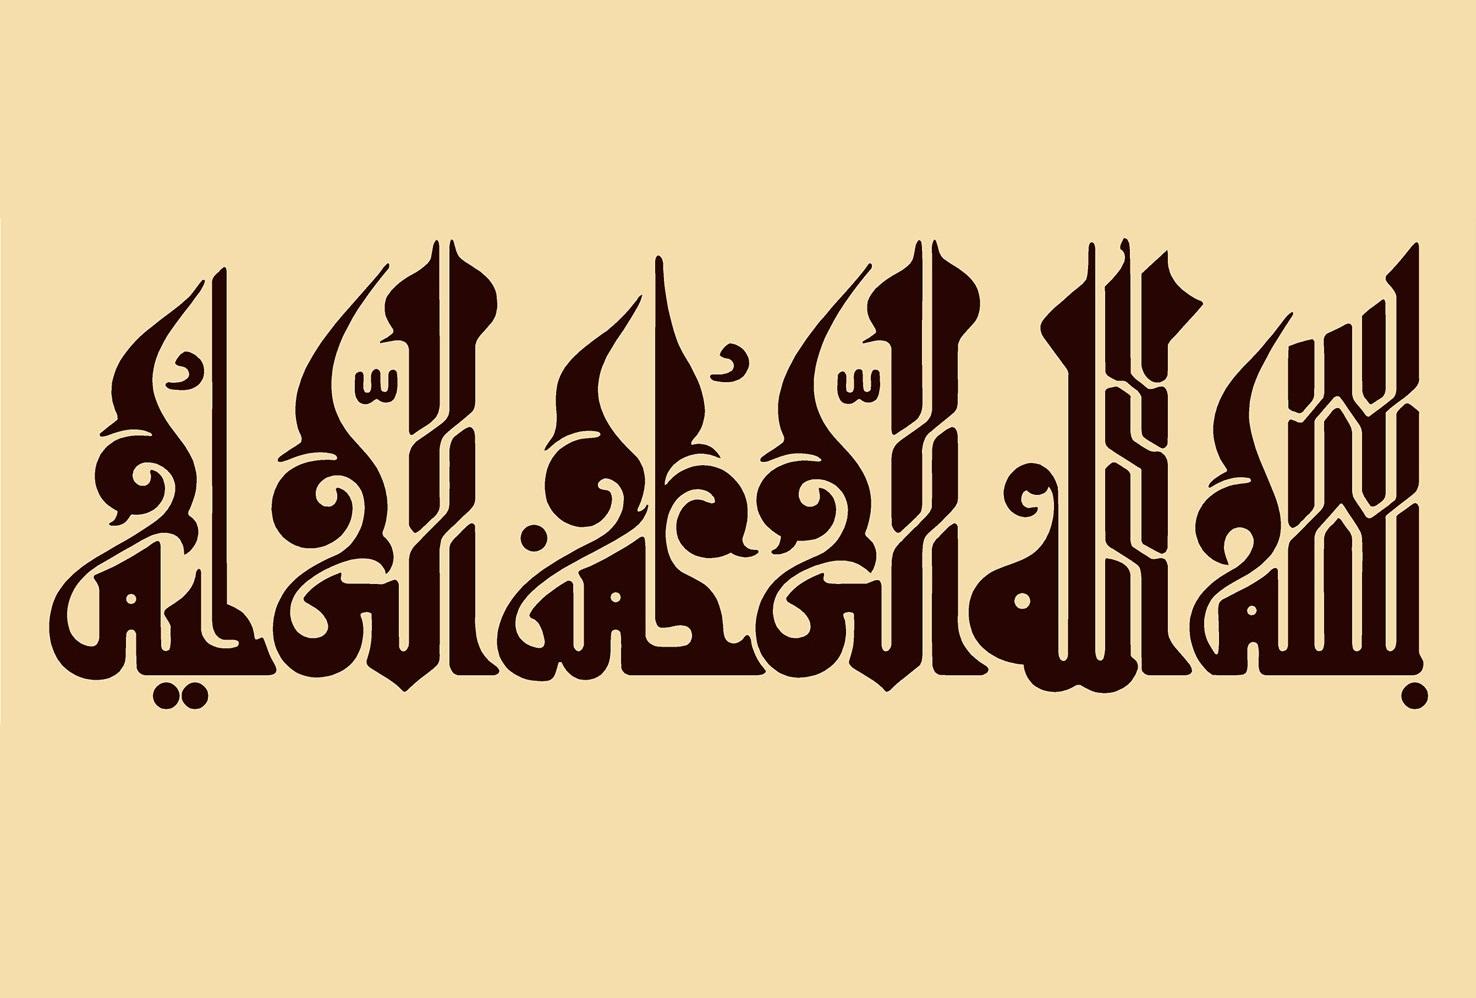 بسم الله الرحمن الرحیم DXF File